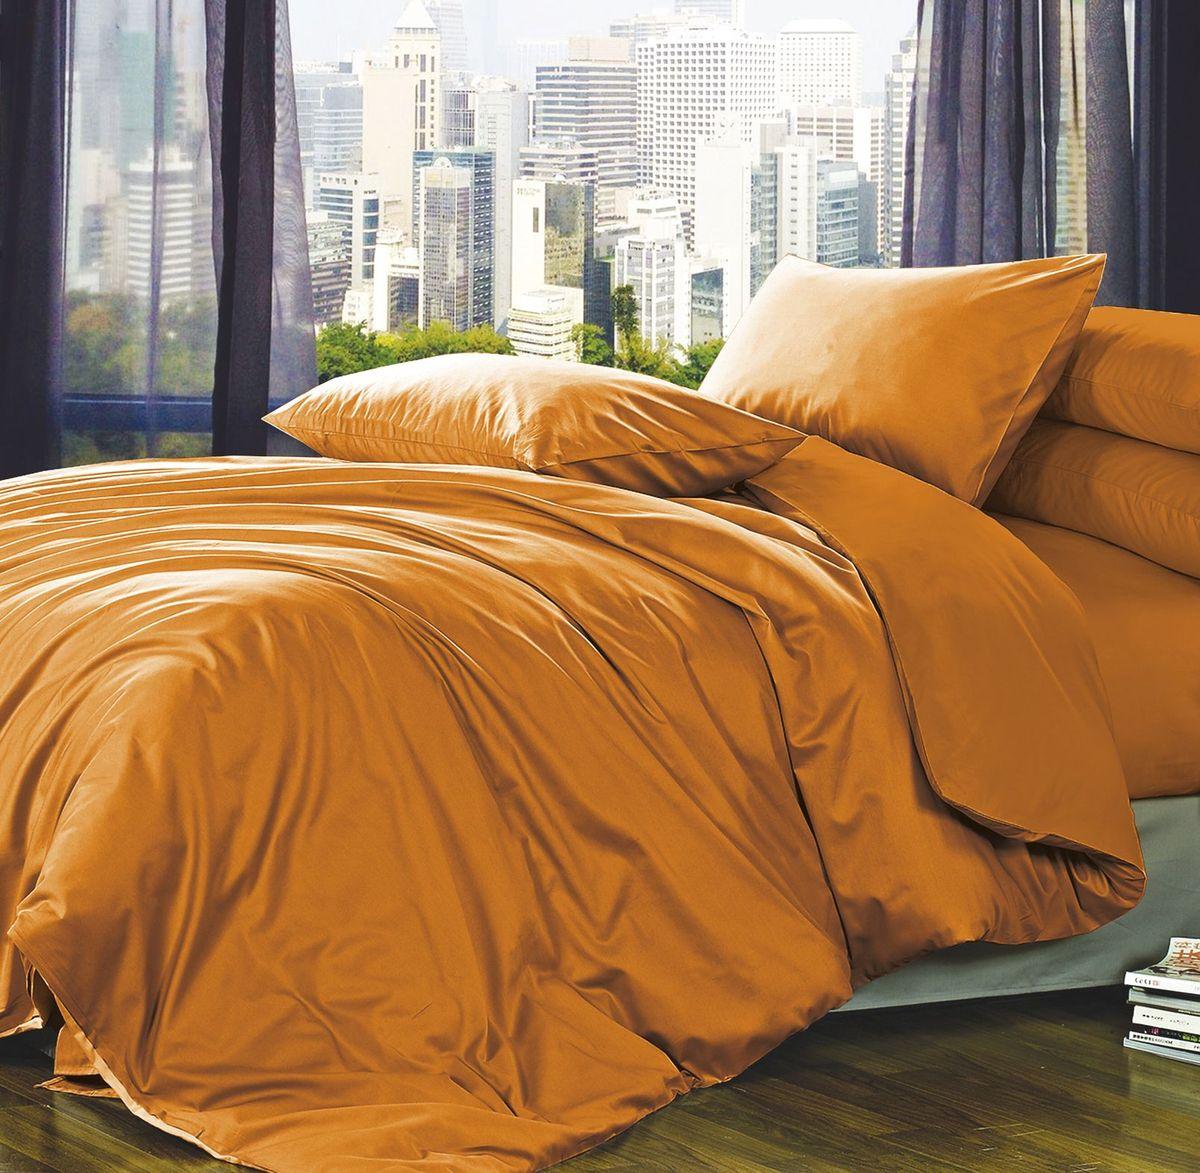 Комплект белья Коллекция Оранжевый, 2,5-спальный, наволочки 70x70. ПС2.5/70/ОЗ/орПС2.5/70/ОЗ/ор